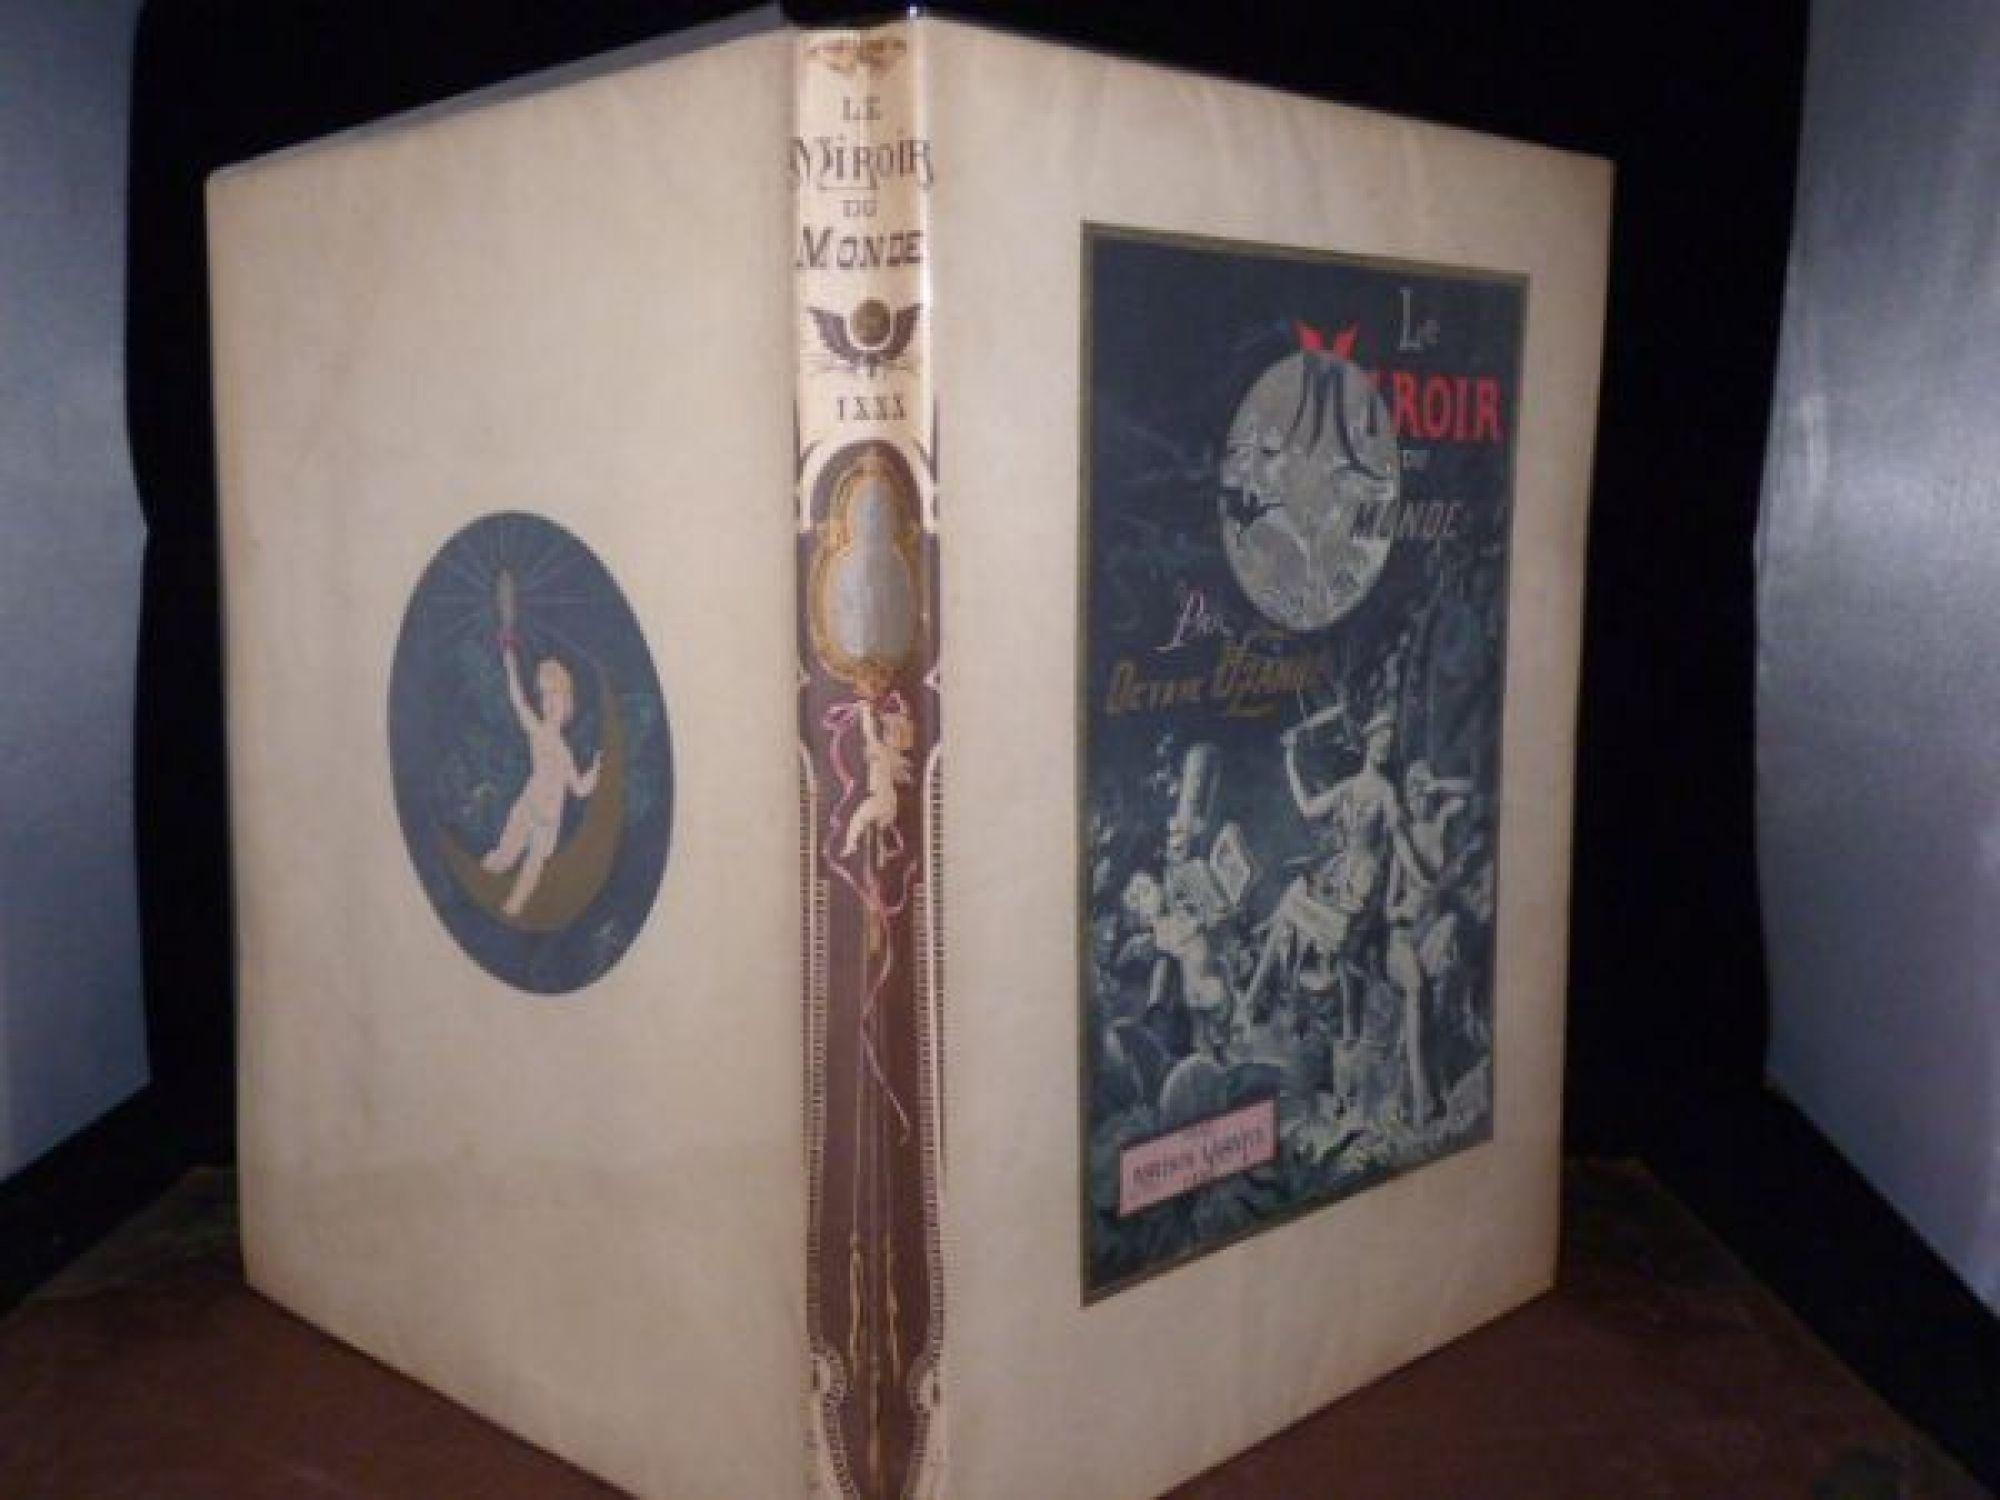 Uzanne le miroir du monde edition originale edition for Miroir du monde